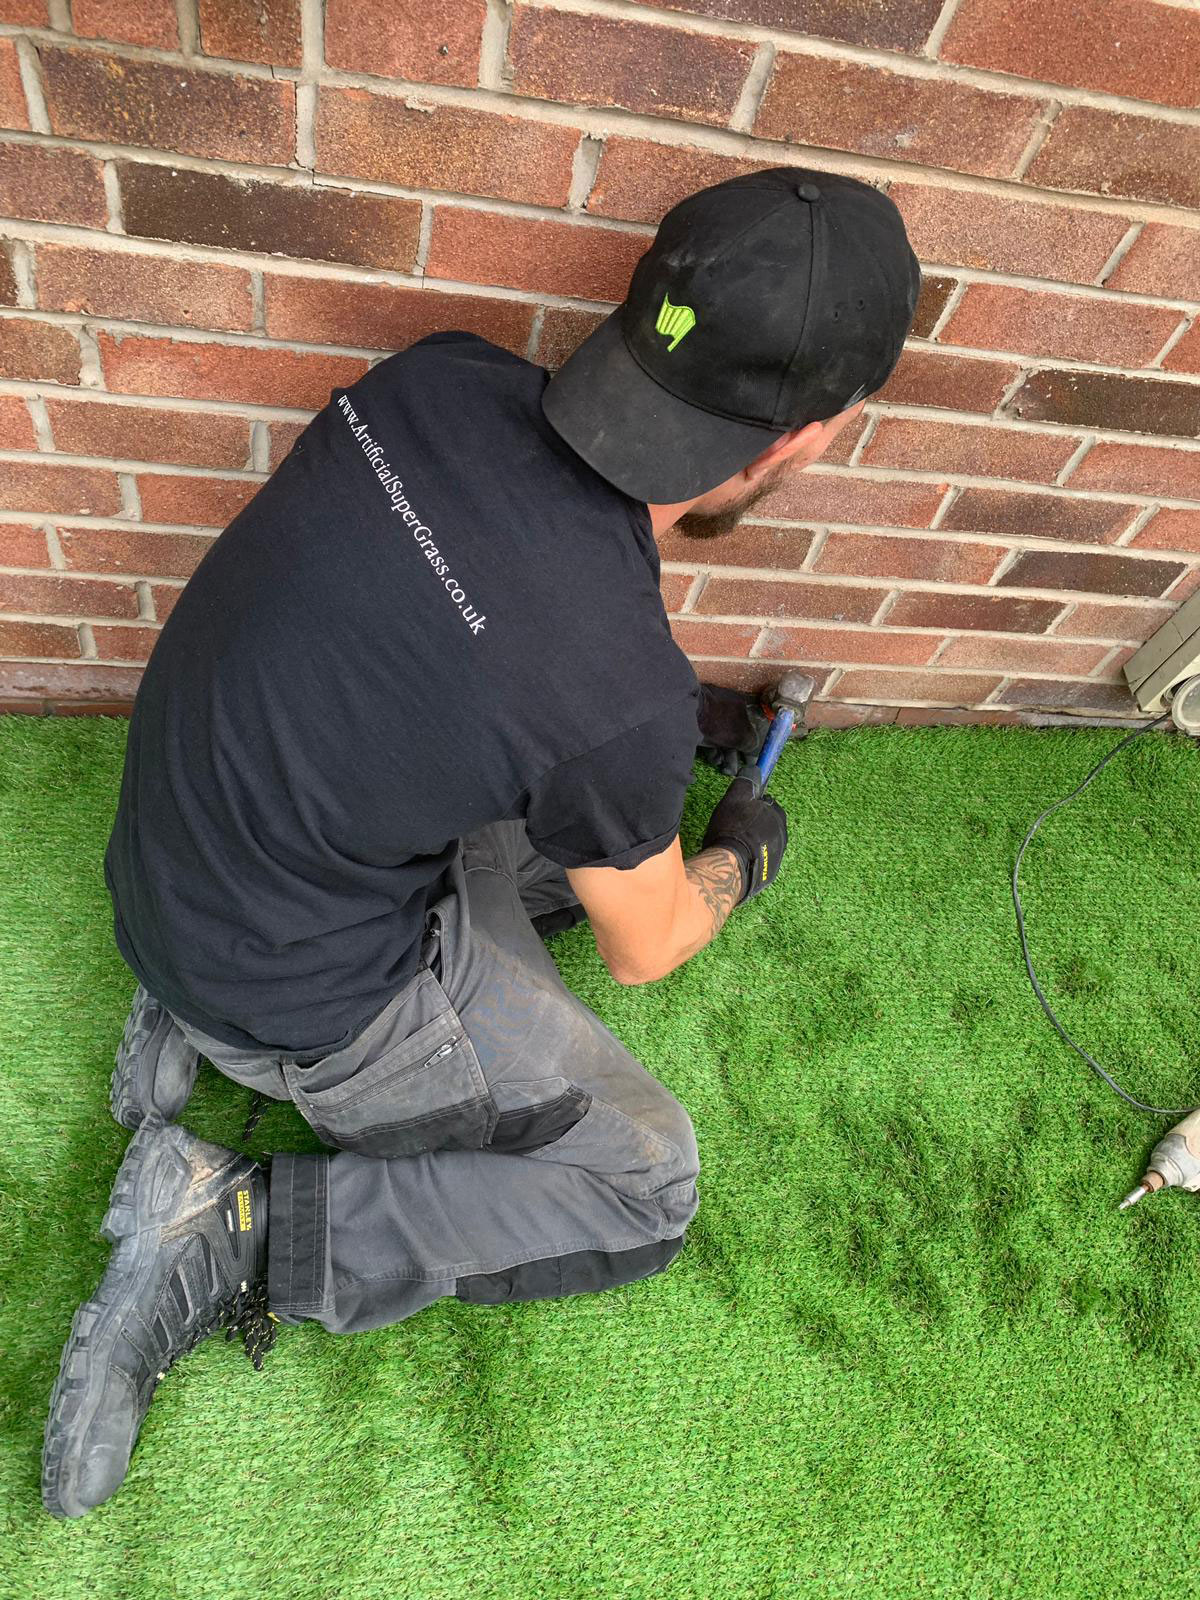 Best Quality Artificial Grass Horsforth Artificial Super Grass